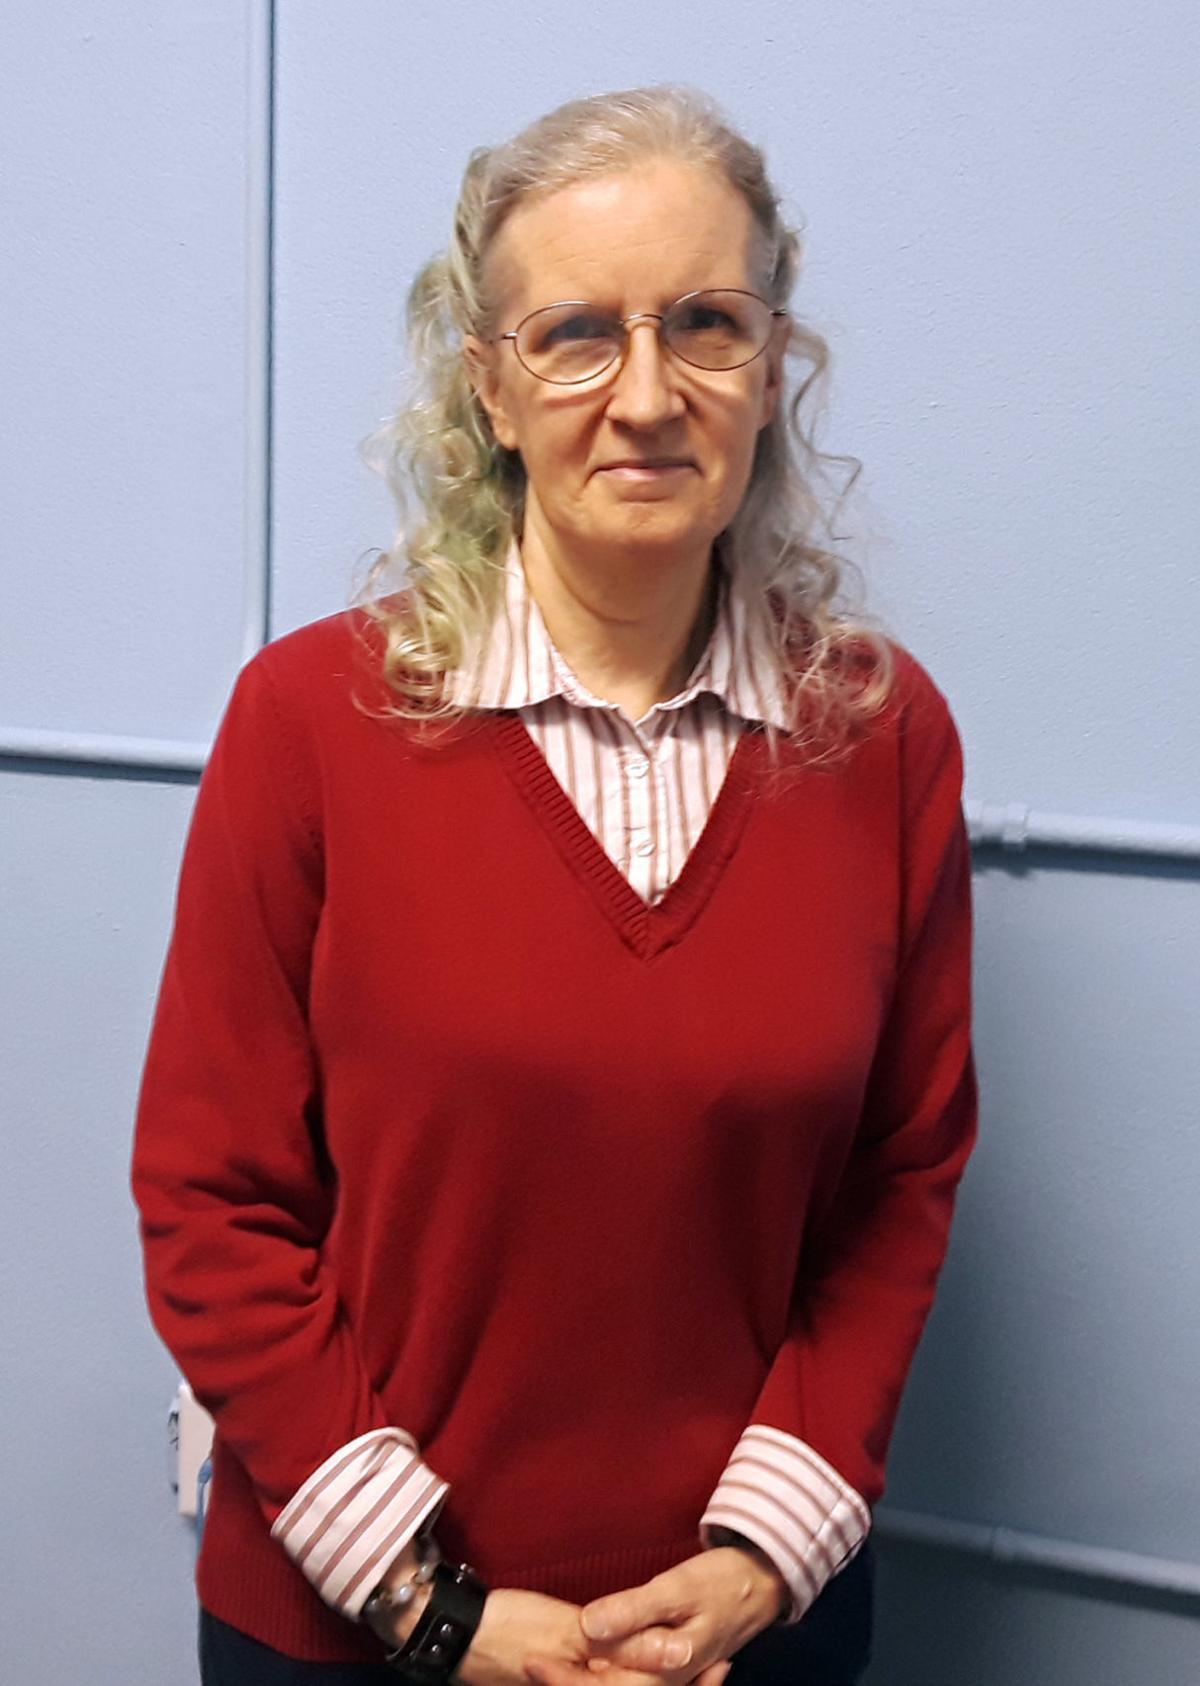 Leslie Harder